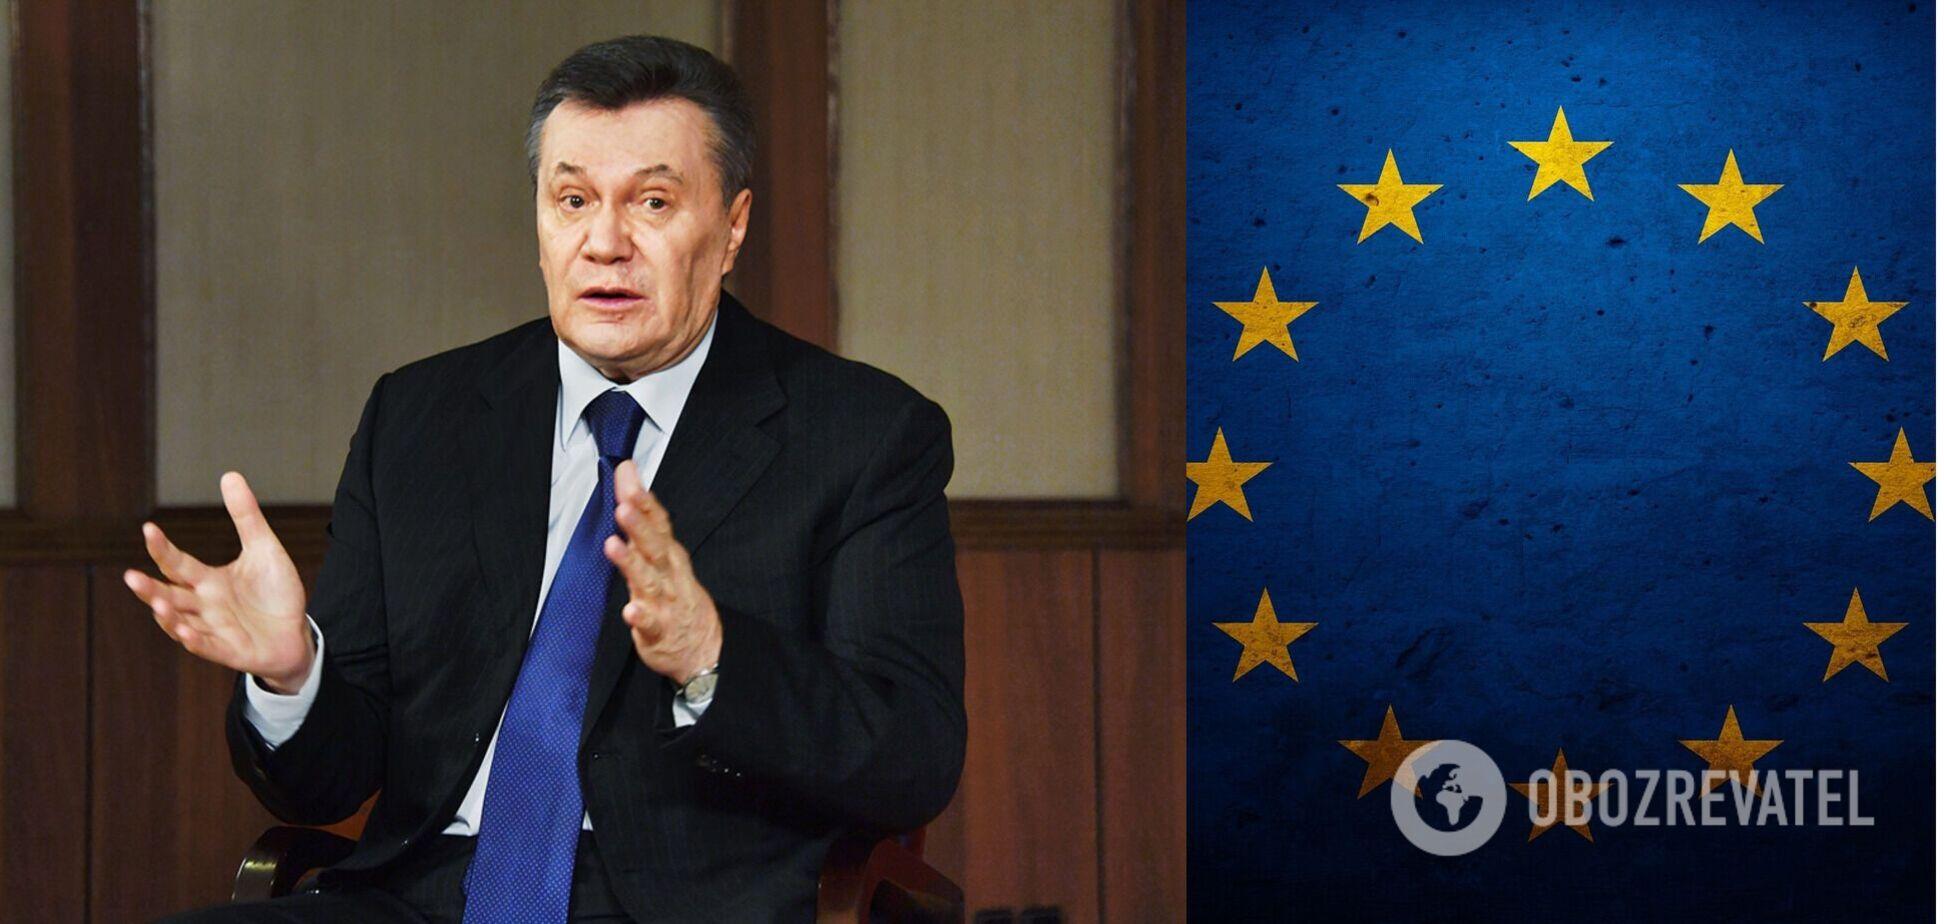 ЄС продовжив санкції проти Януковича та його оточення, вивівши двох осіб